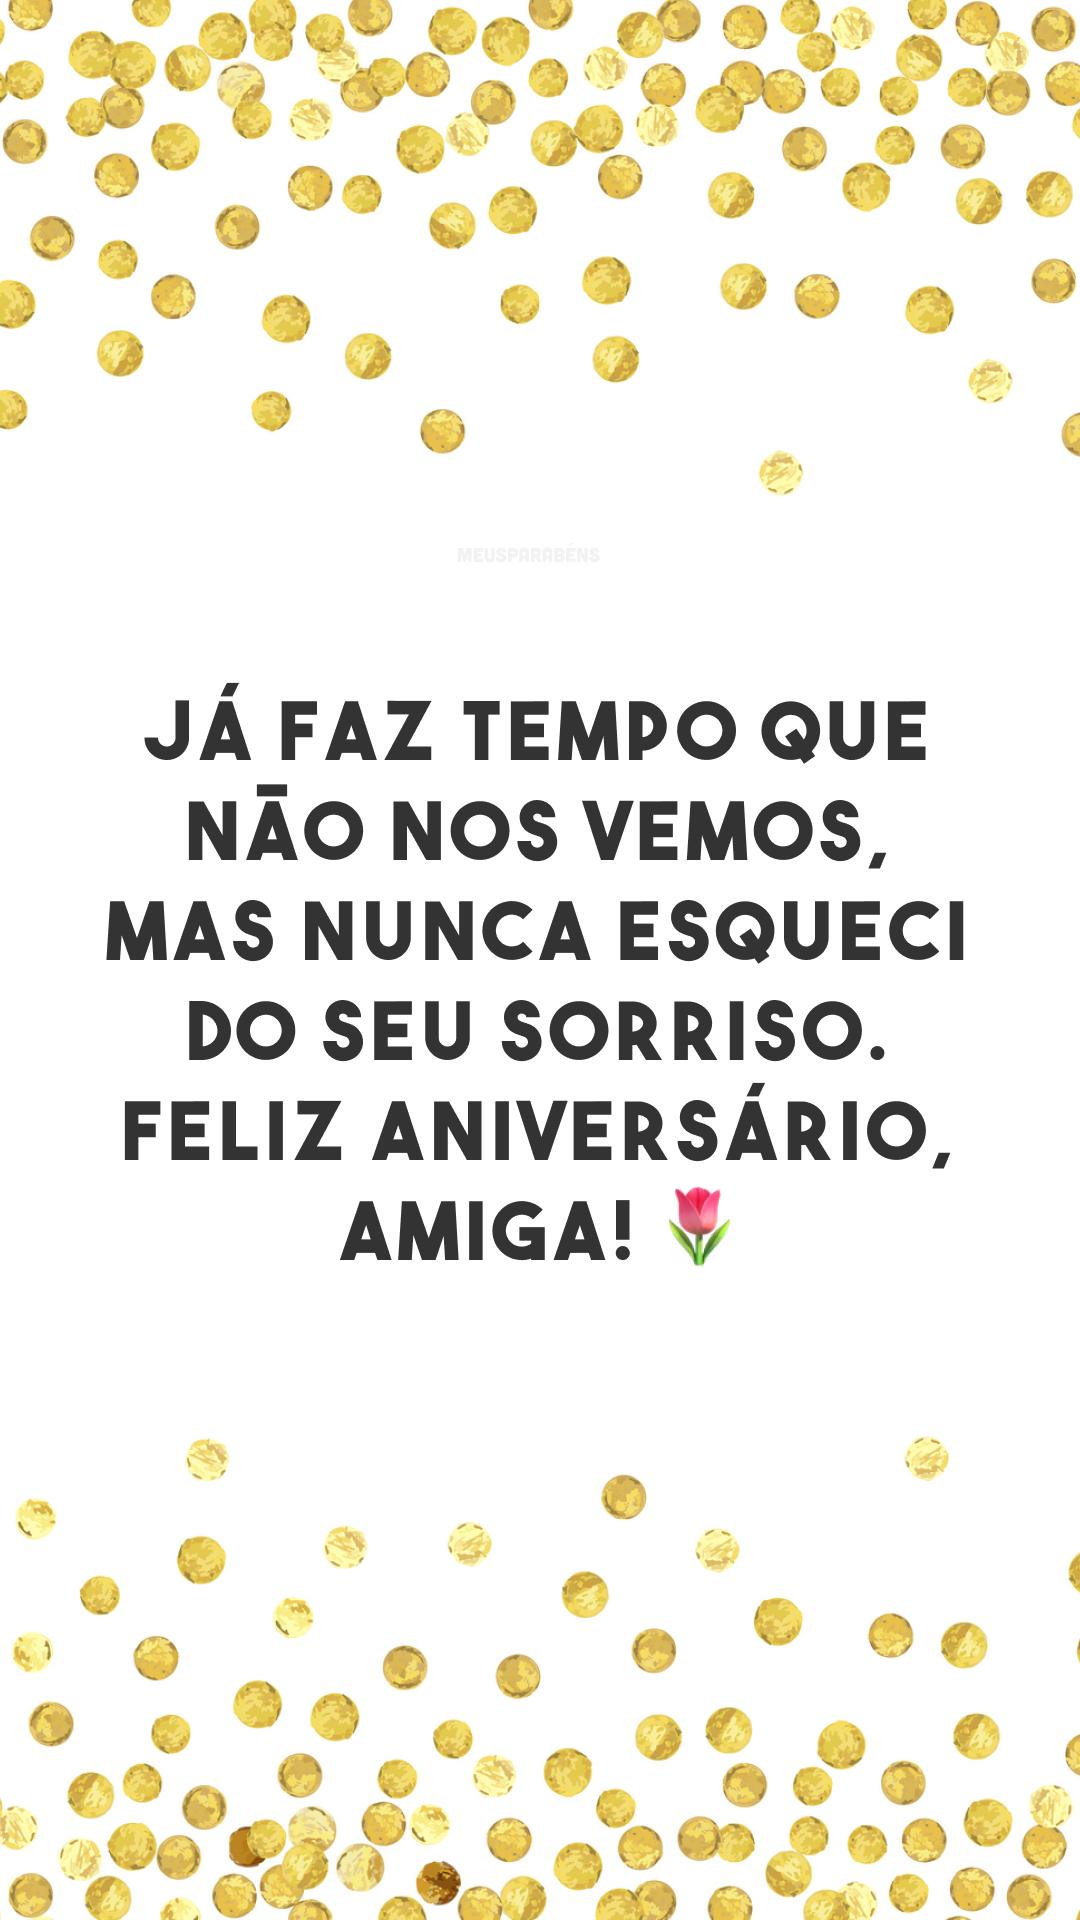 Já faz tempo que não nos vemos, mas nunca esqueci do seu sorriso. Feliz aniversário, amiga! 🌷